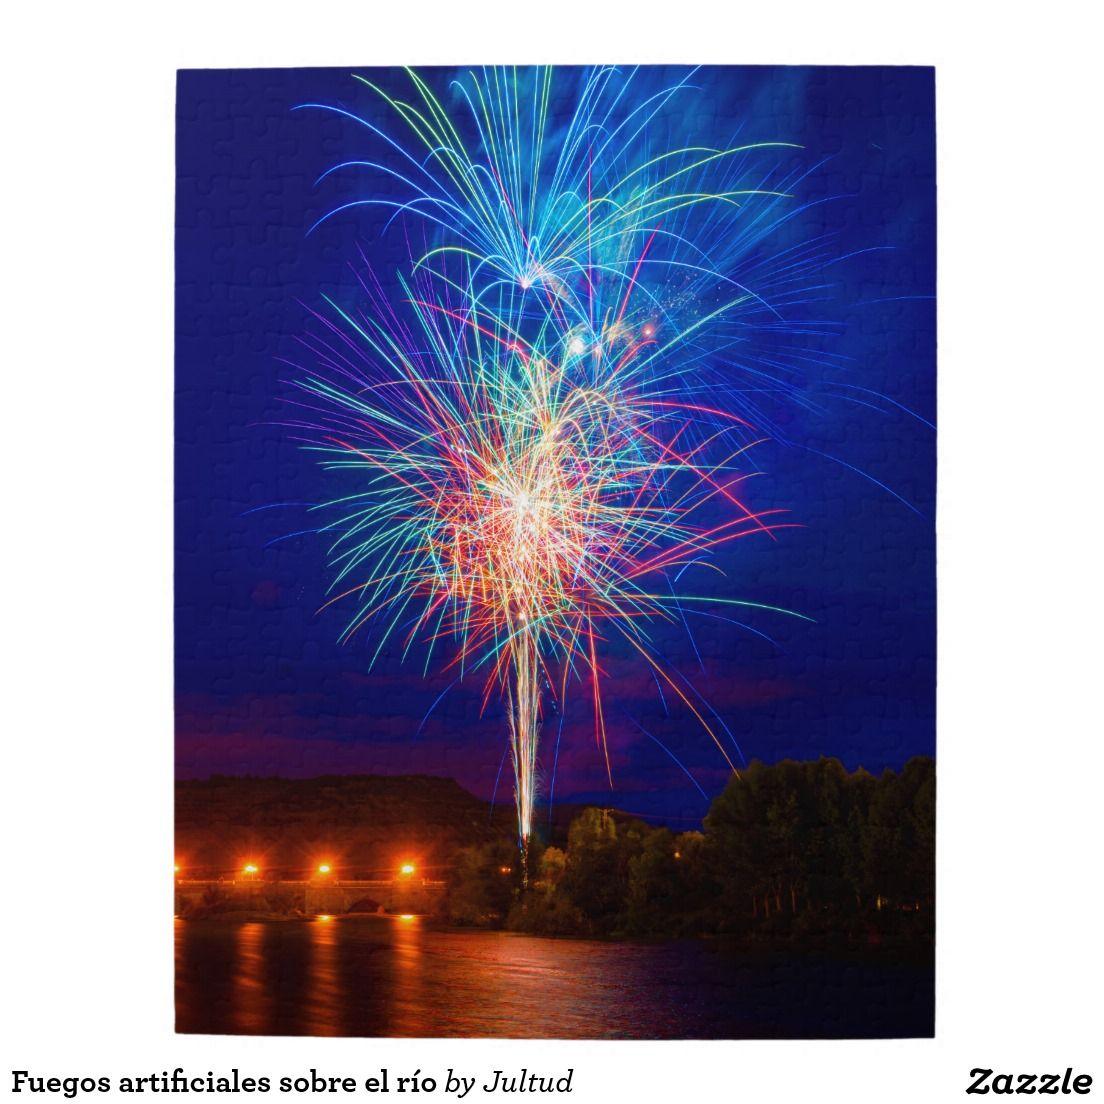 Fuegos artificiales sobre el río puzzles con fotos